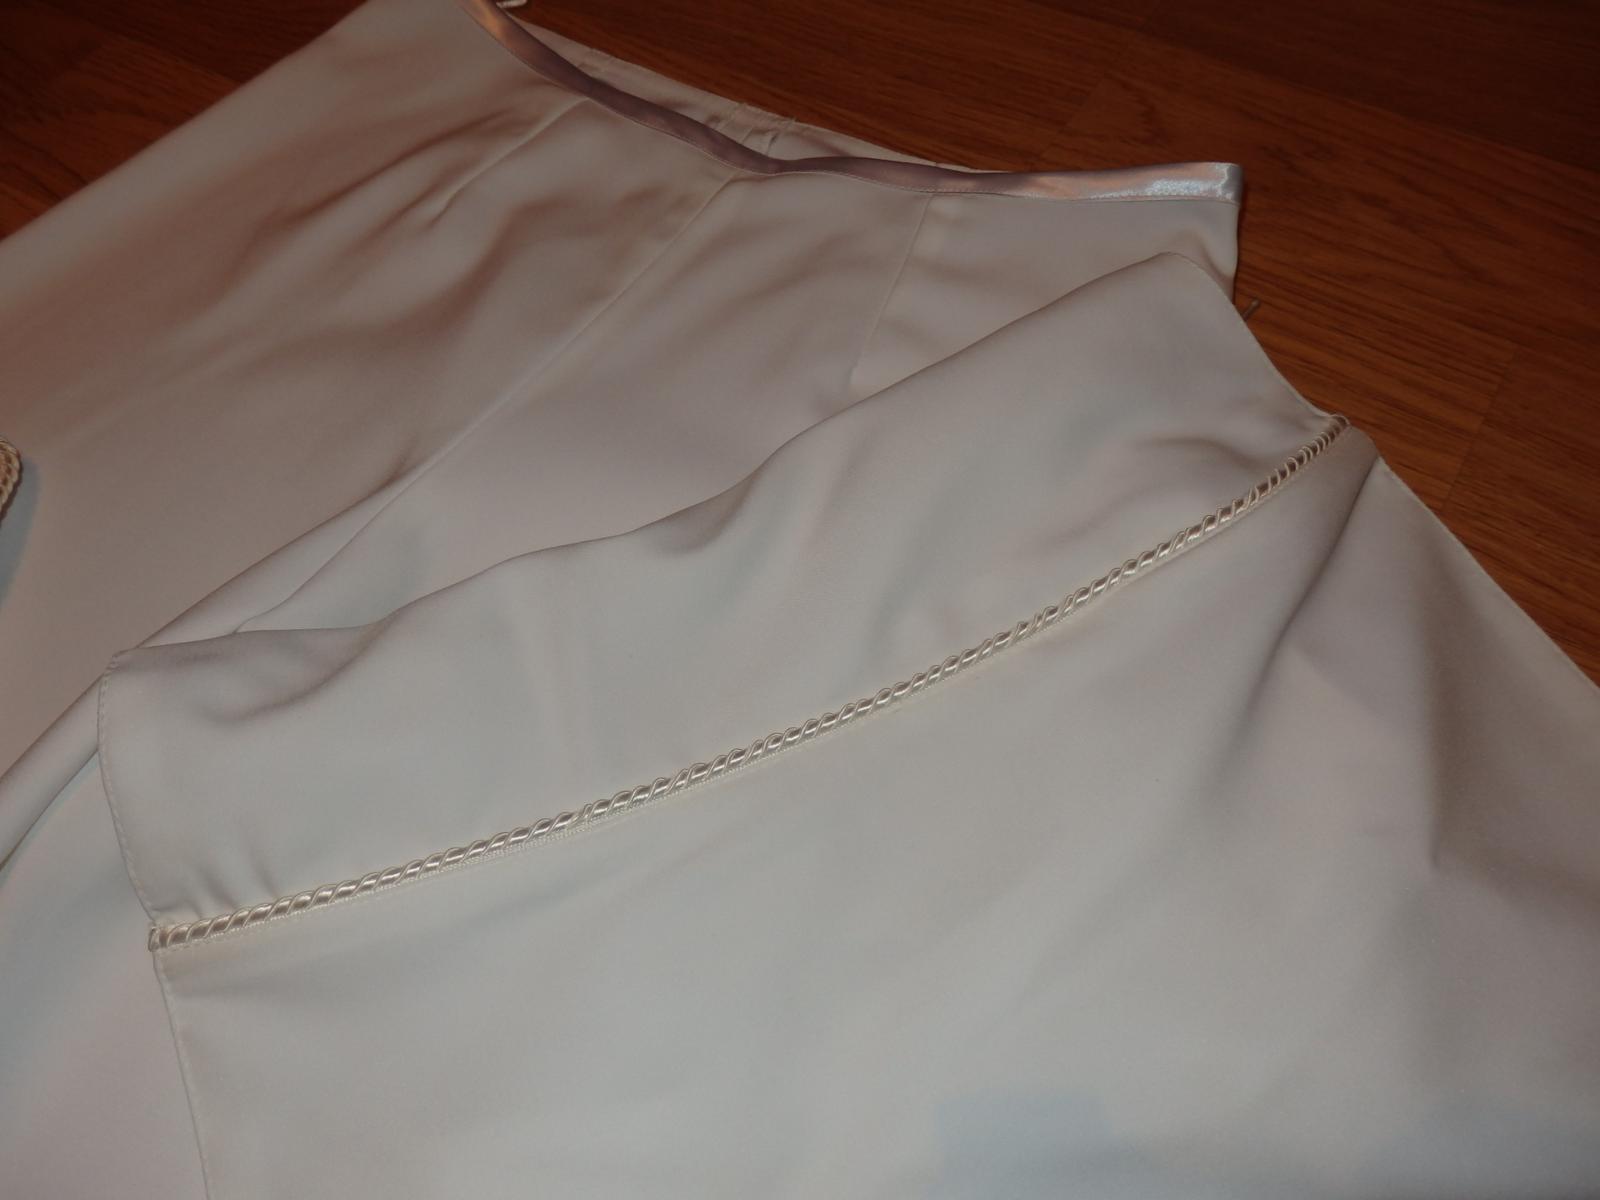 biely nohavicový kostým - Obrázok č. 4